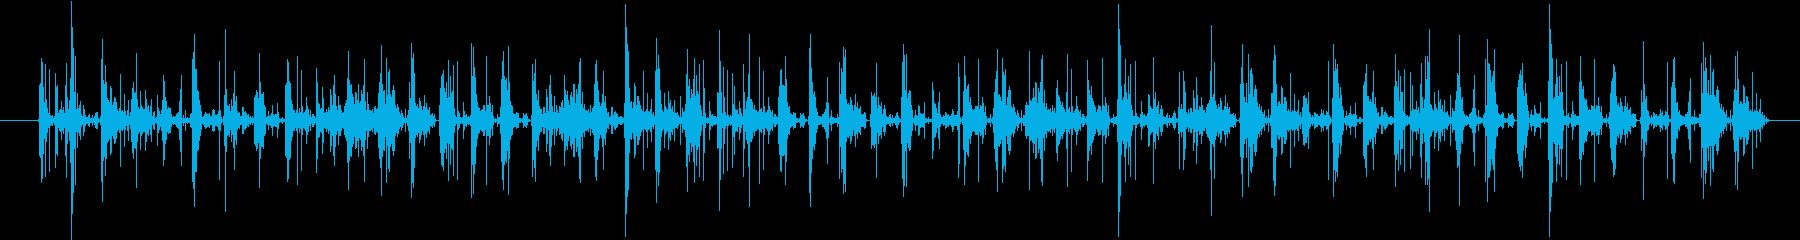 スニーカーで砂地を走る音の再生済みの波形